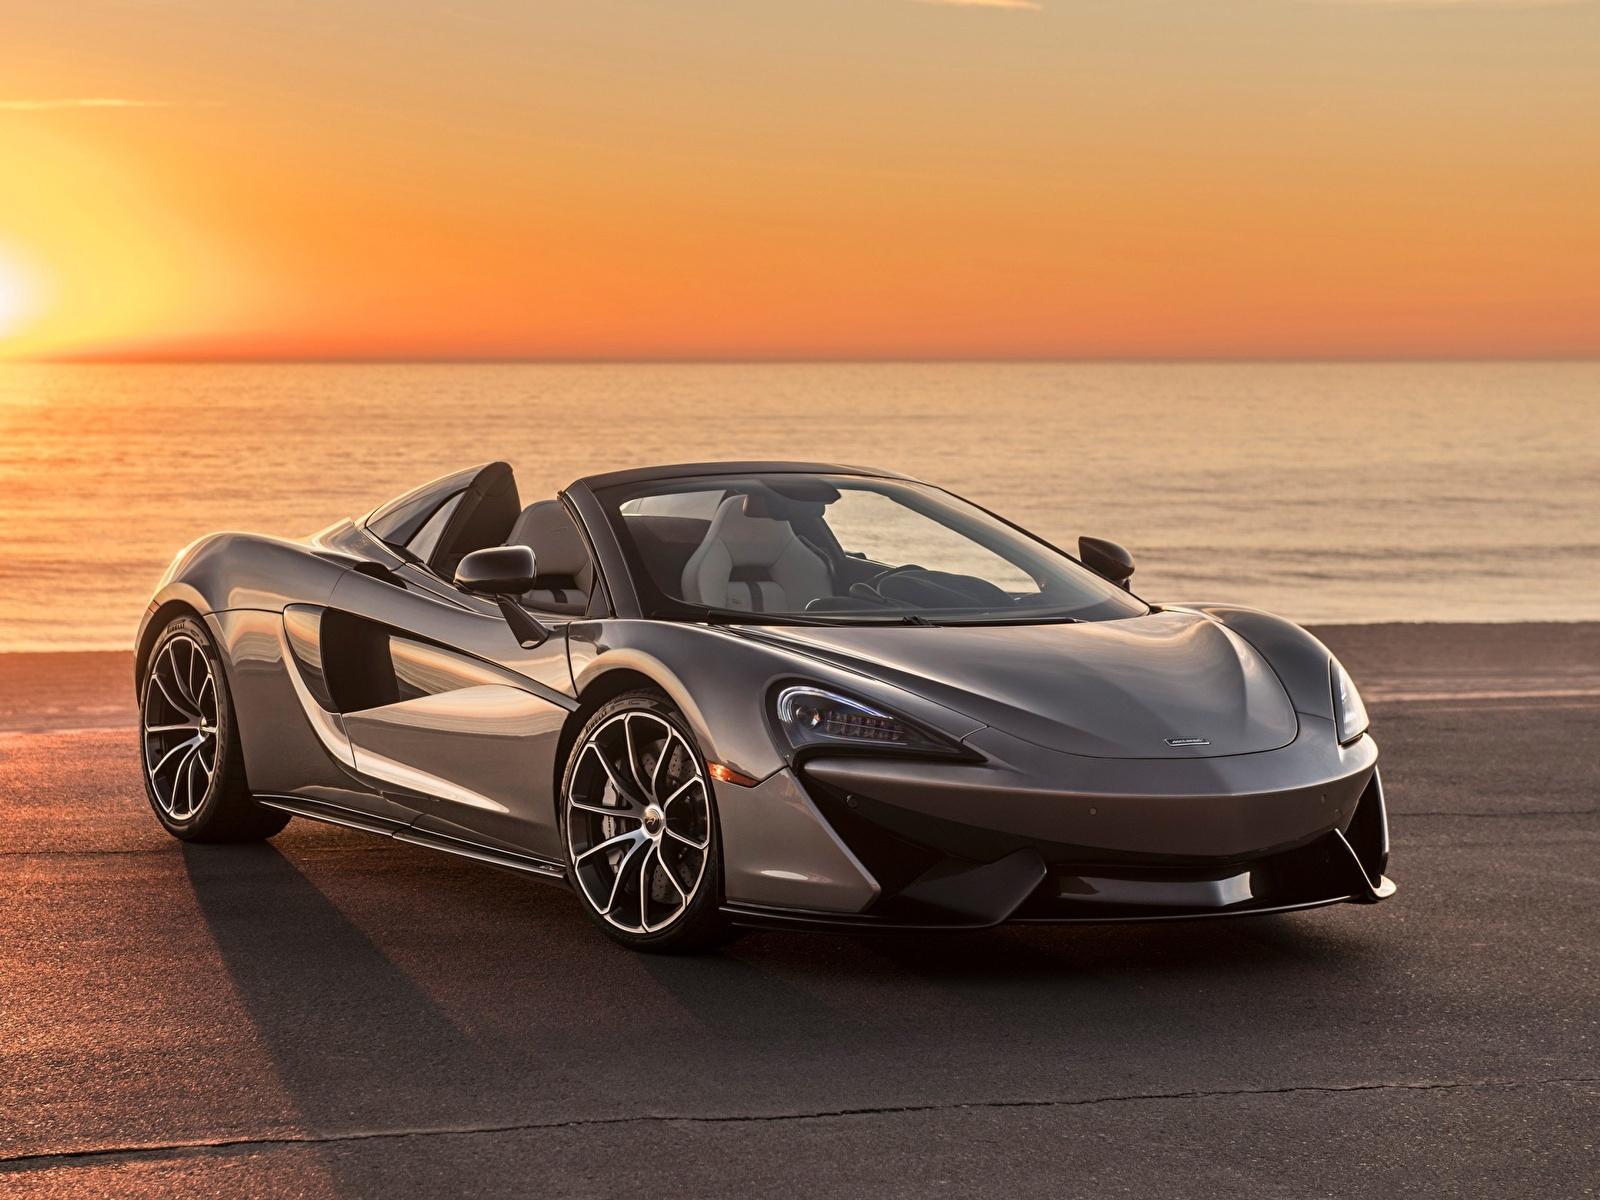 Фотография Макларен spider 570s Родстер Автомобили 1600x1200 McLaren Авто Машины